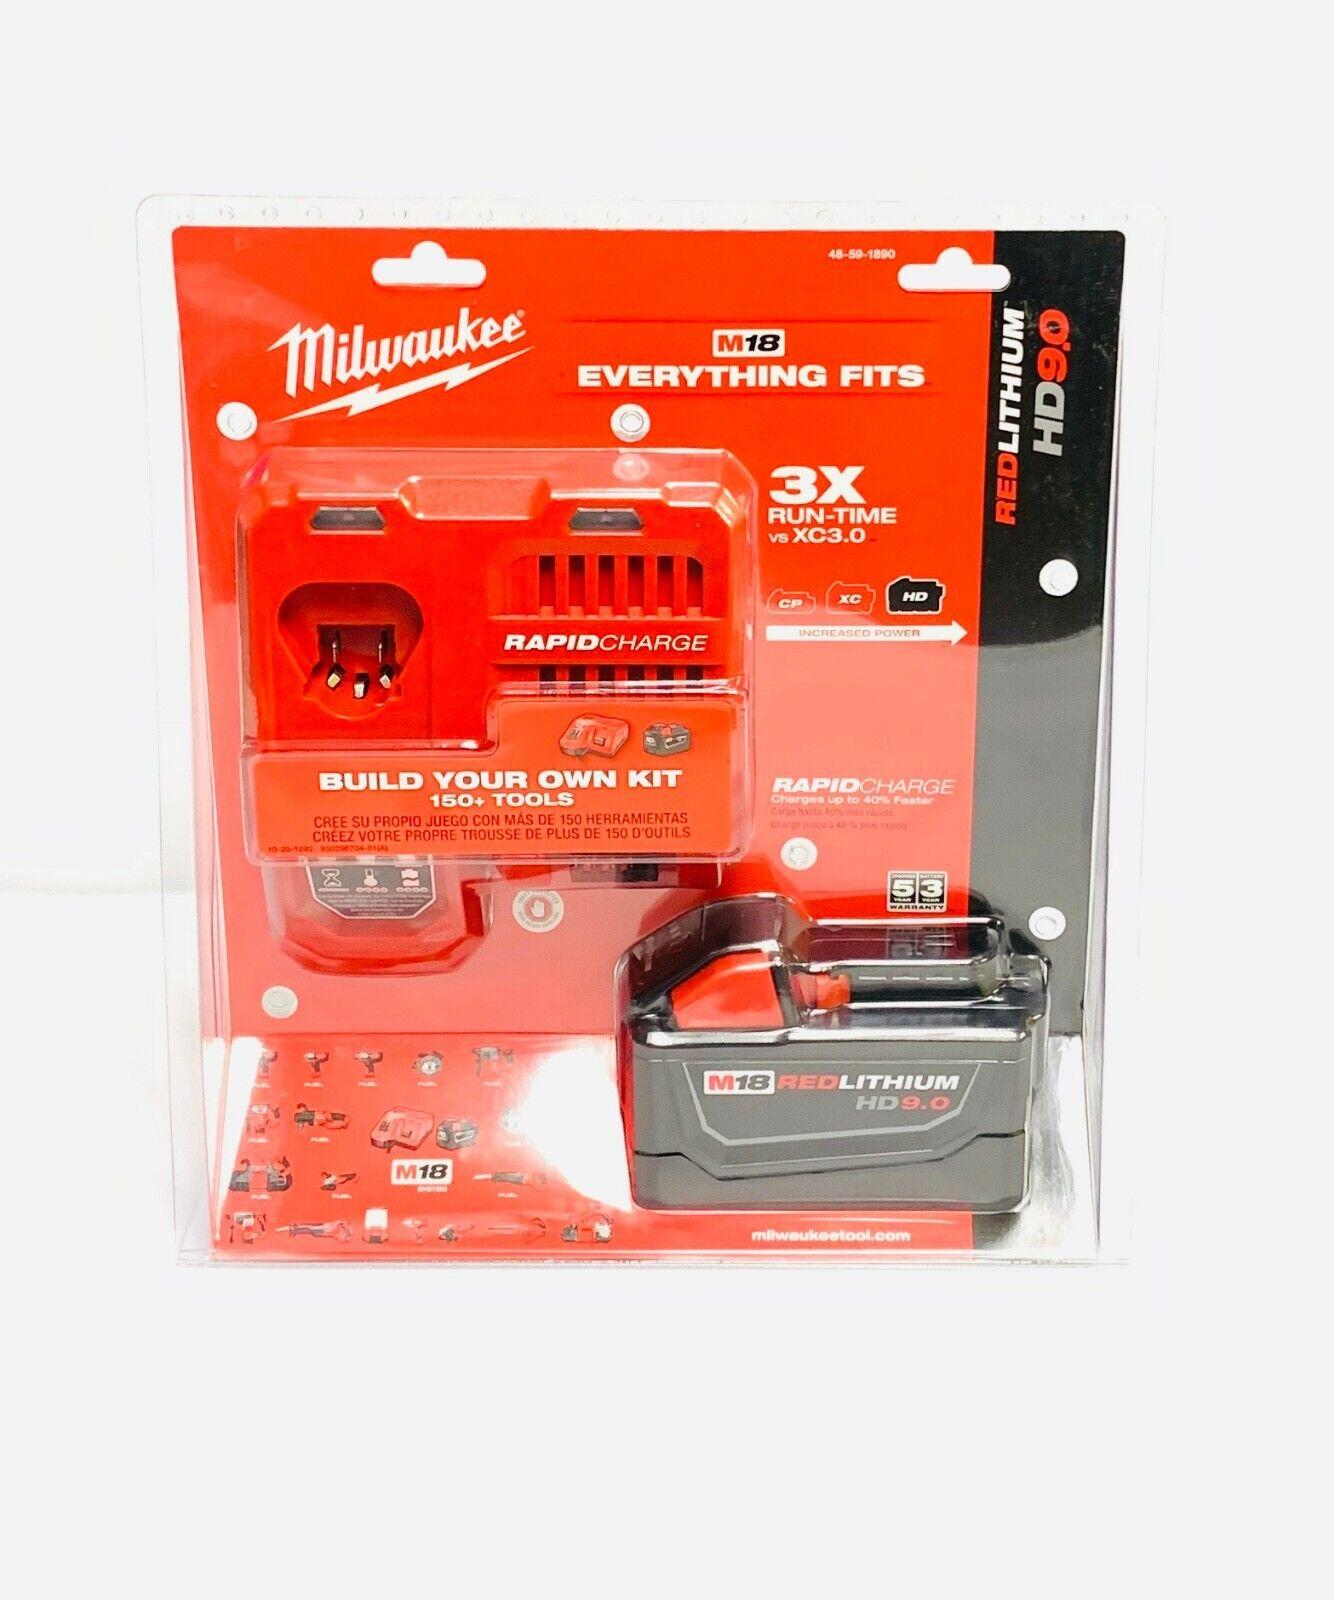 M18 Redlithium Battery Starter Kit Milwaukee Misc Power Tool